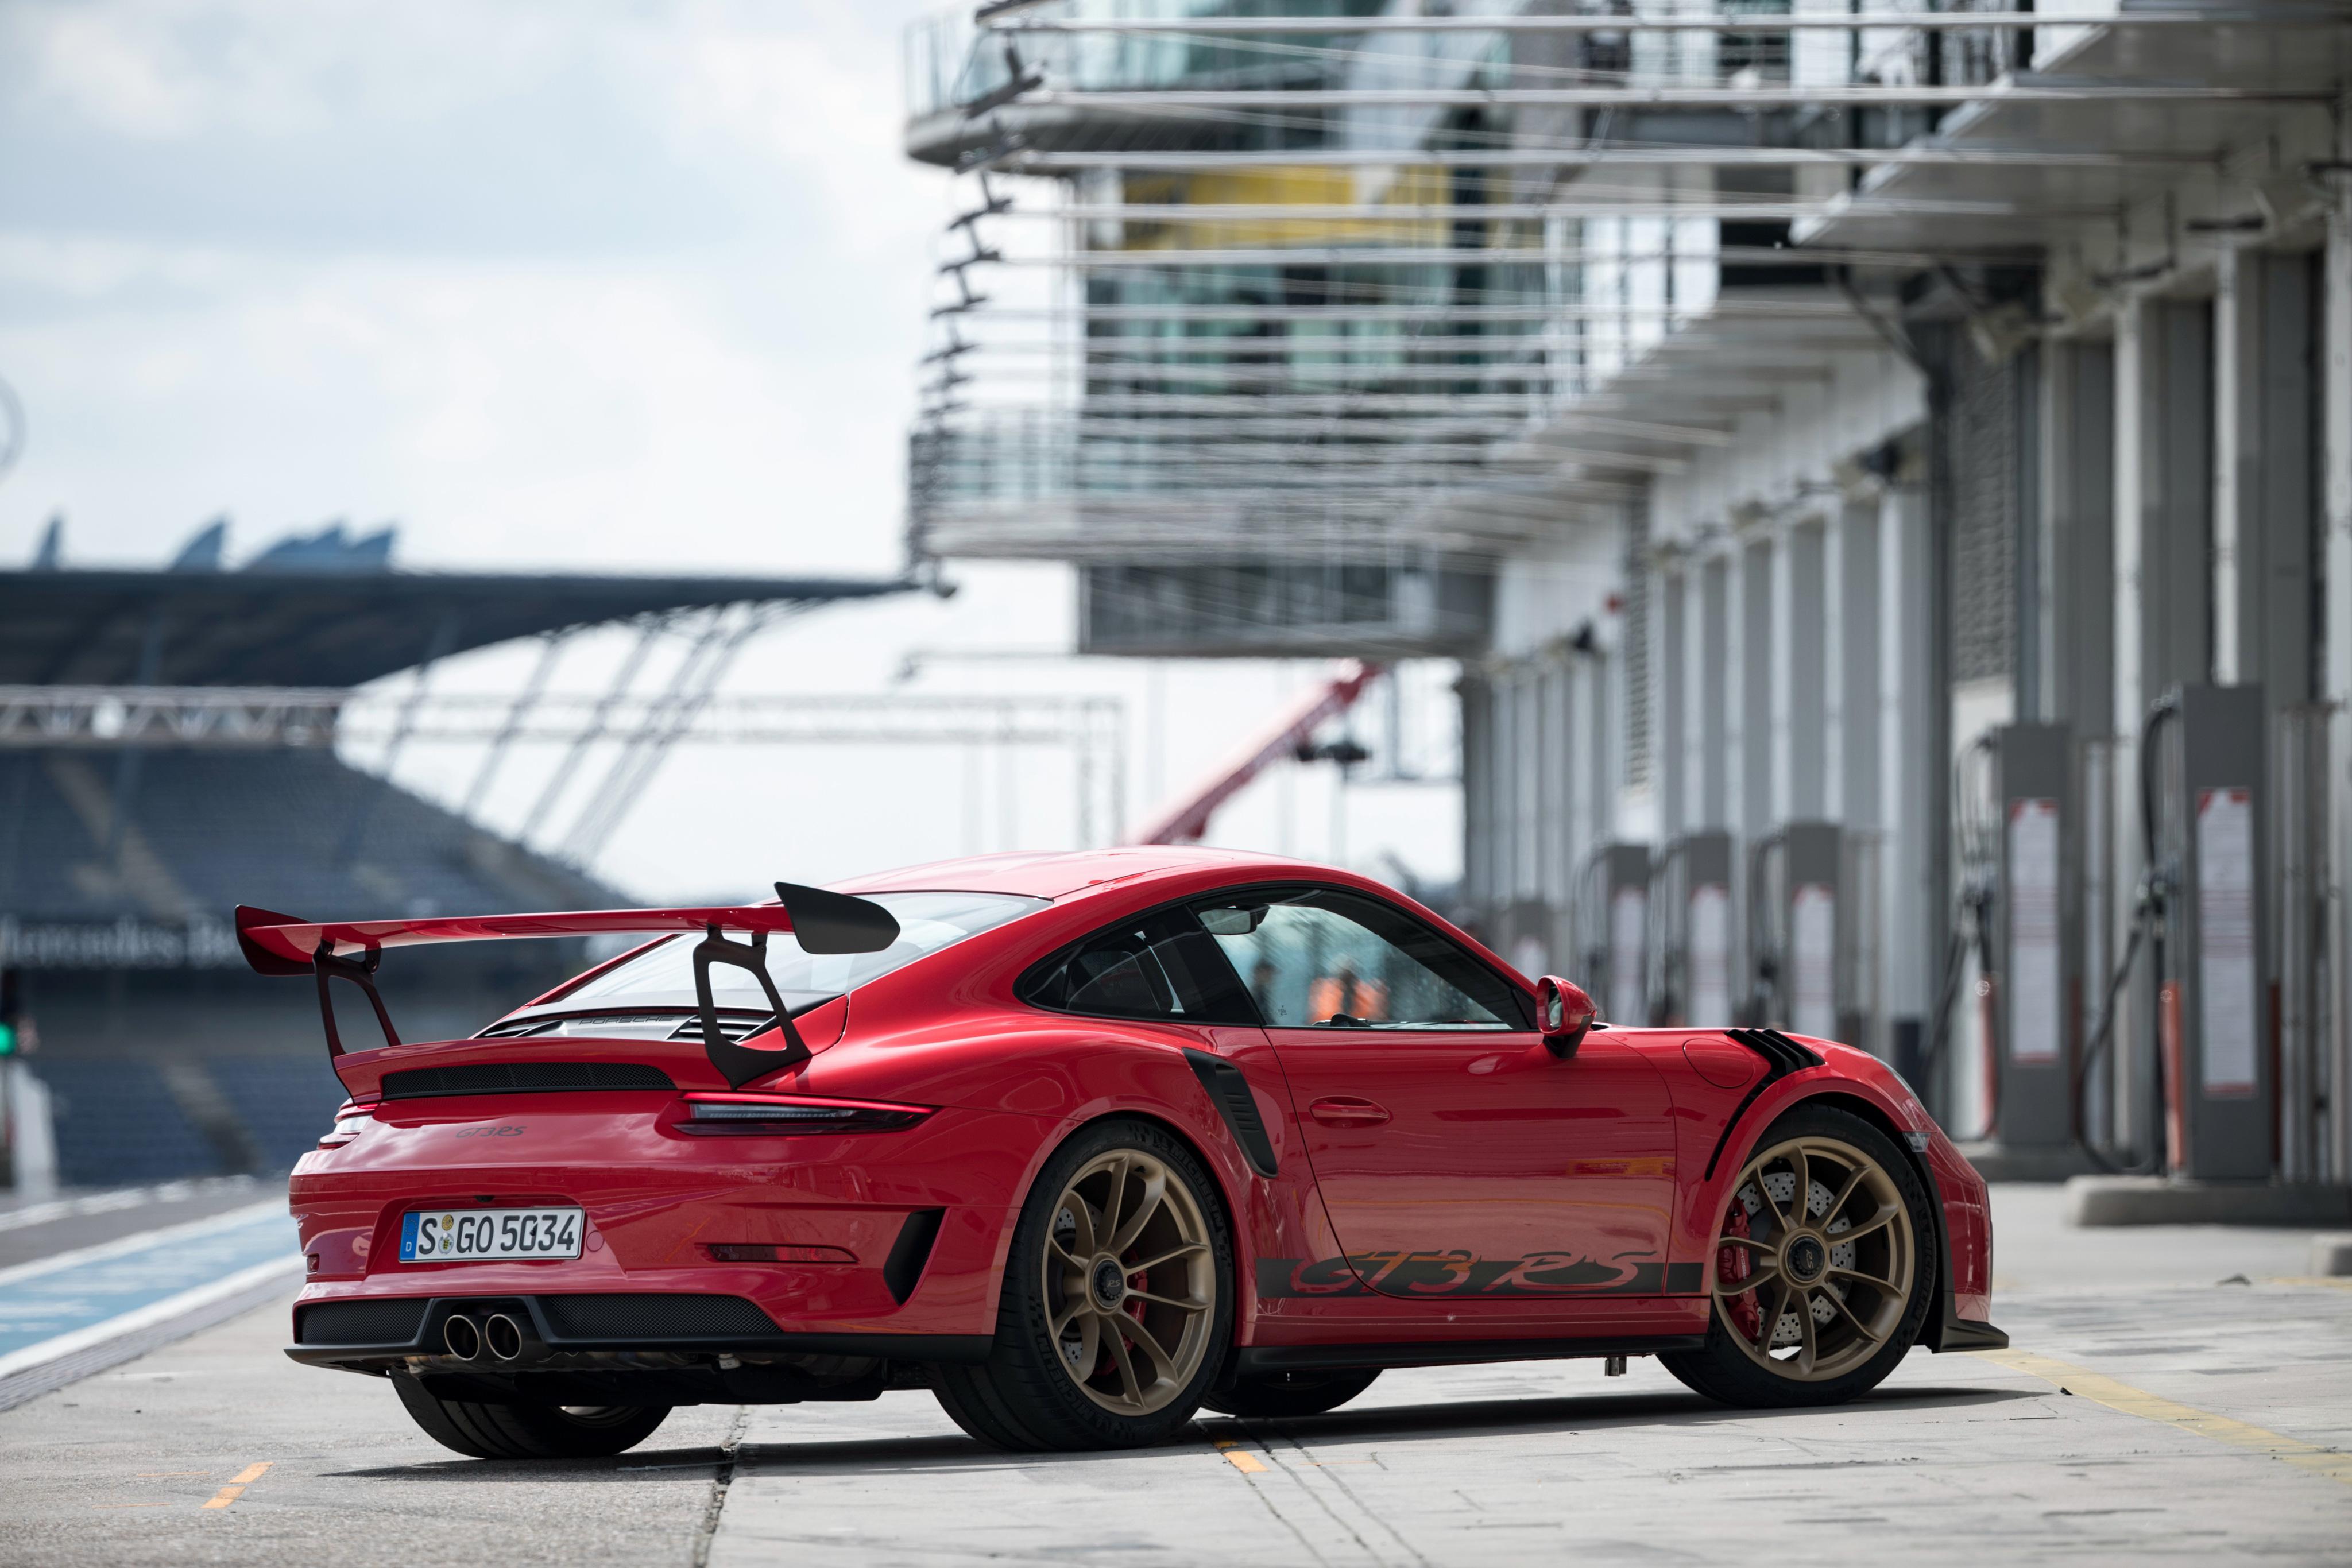 1680x1050 Porsche 911 Gt3 Rs 4k 1680x1050 Resolution Hd 4k